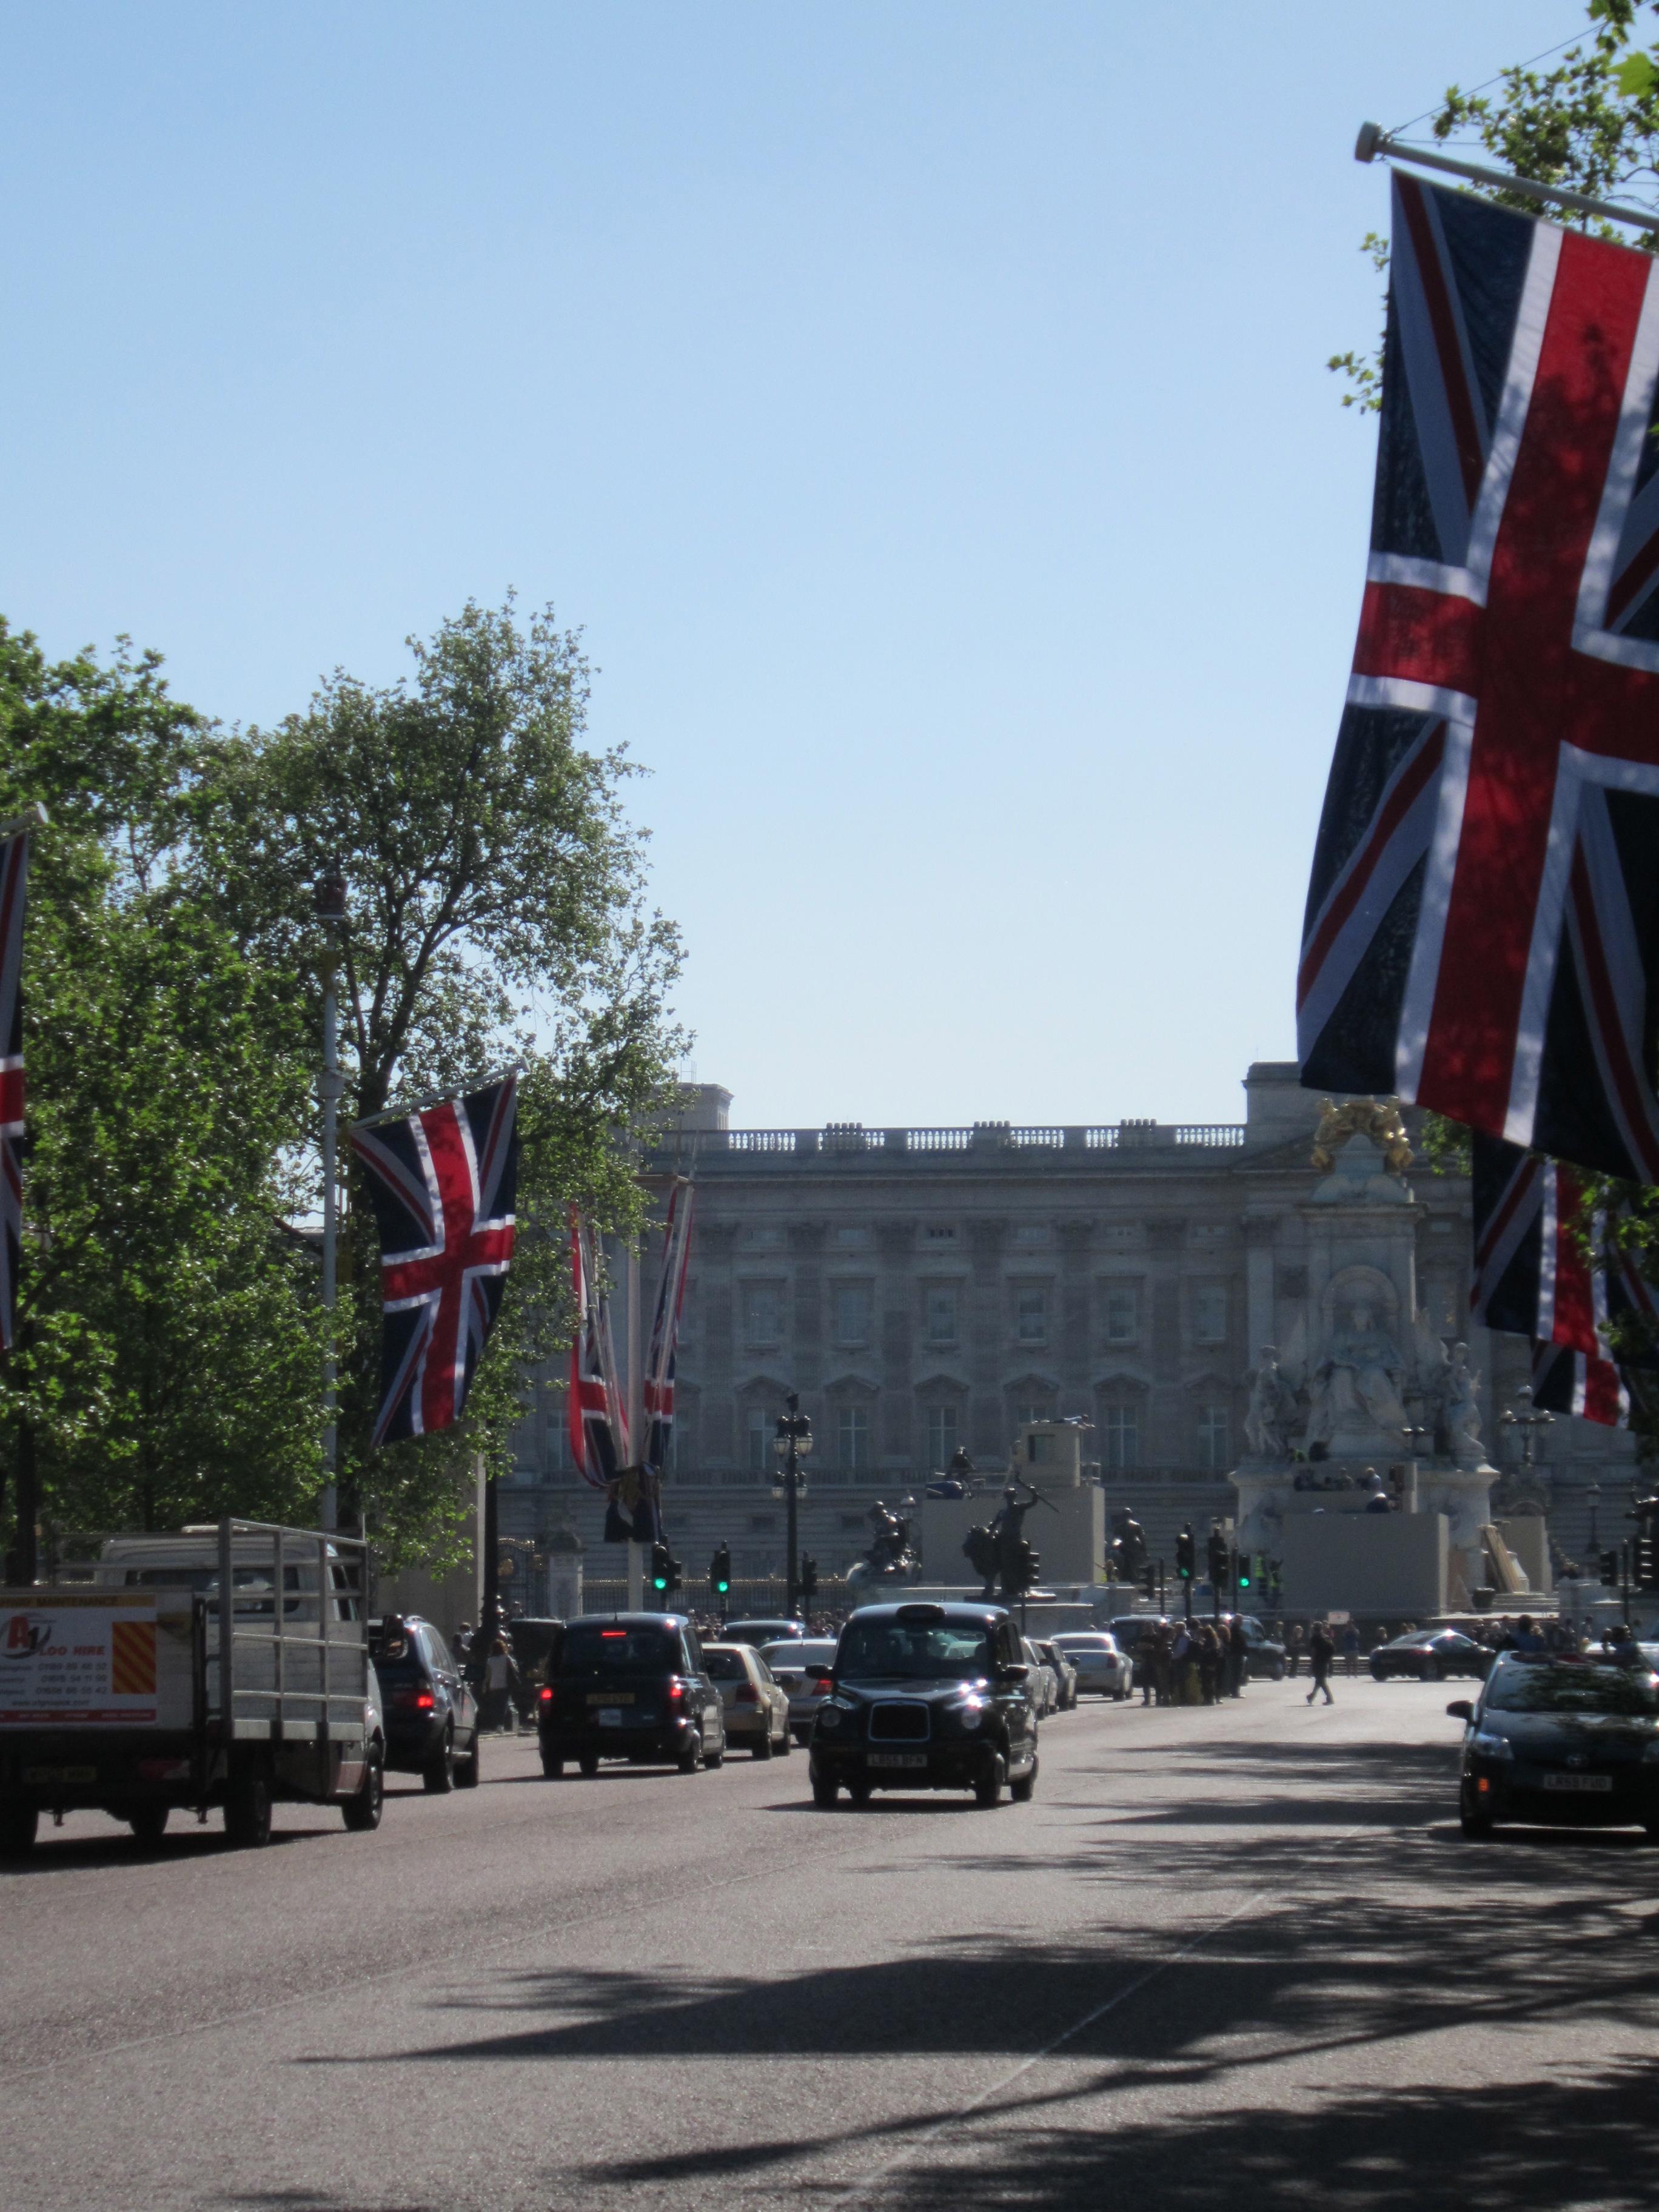 Buckingham Palace, Royal wedding